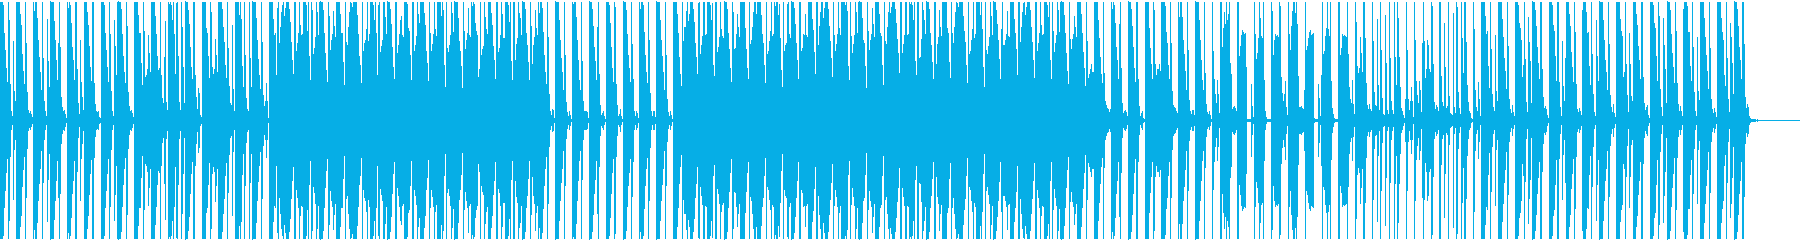 ハウス系リズムトラックの再生済みの波形